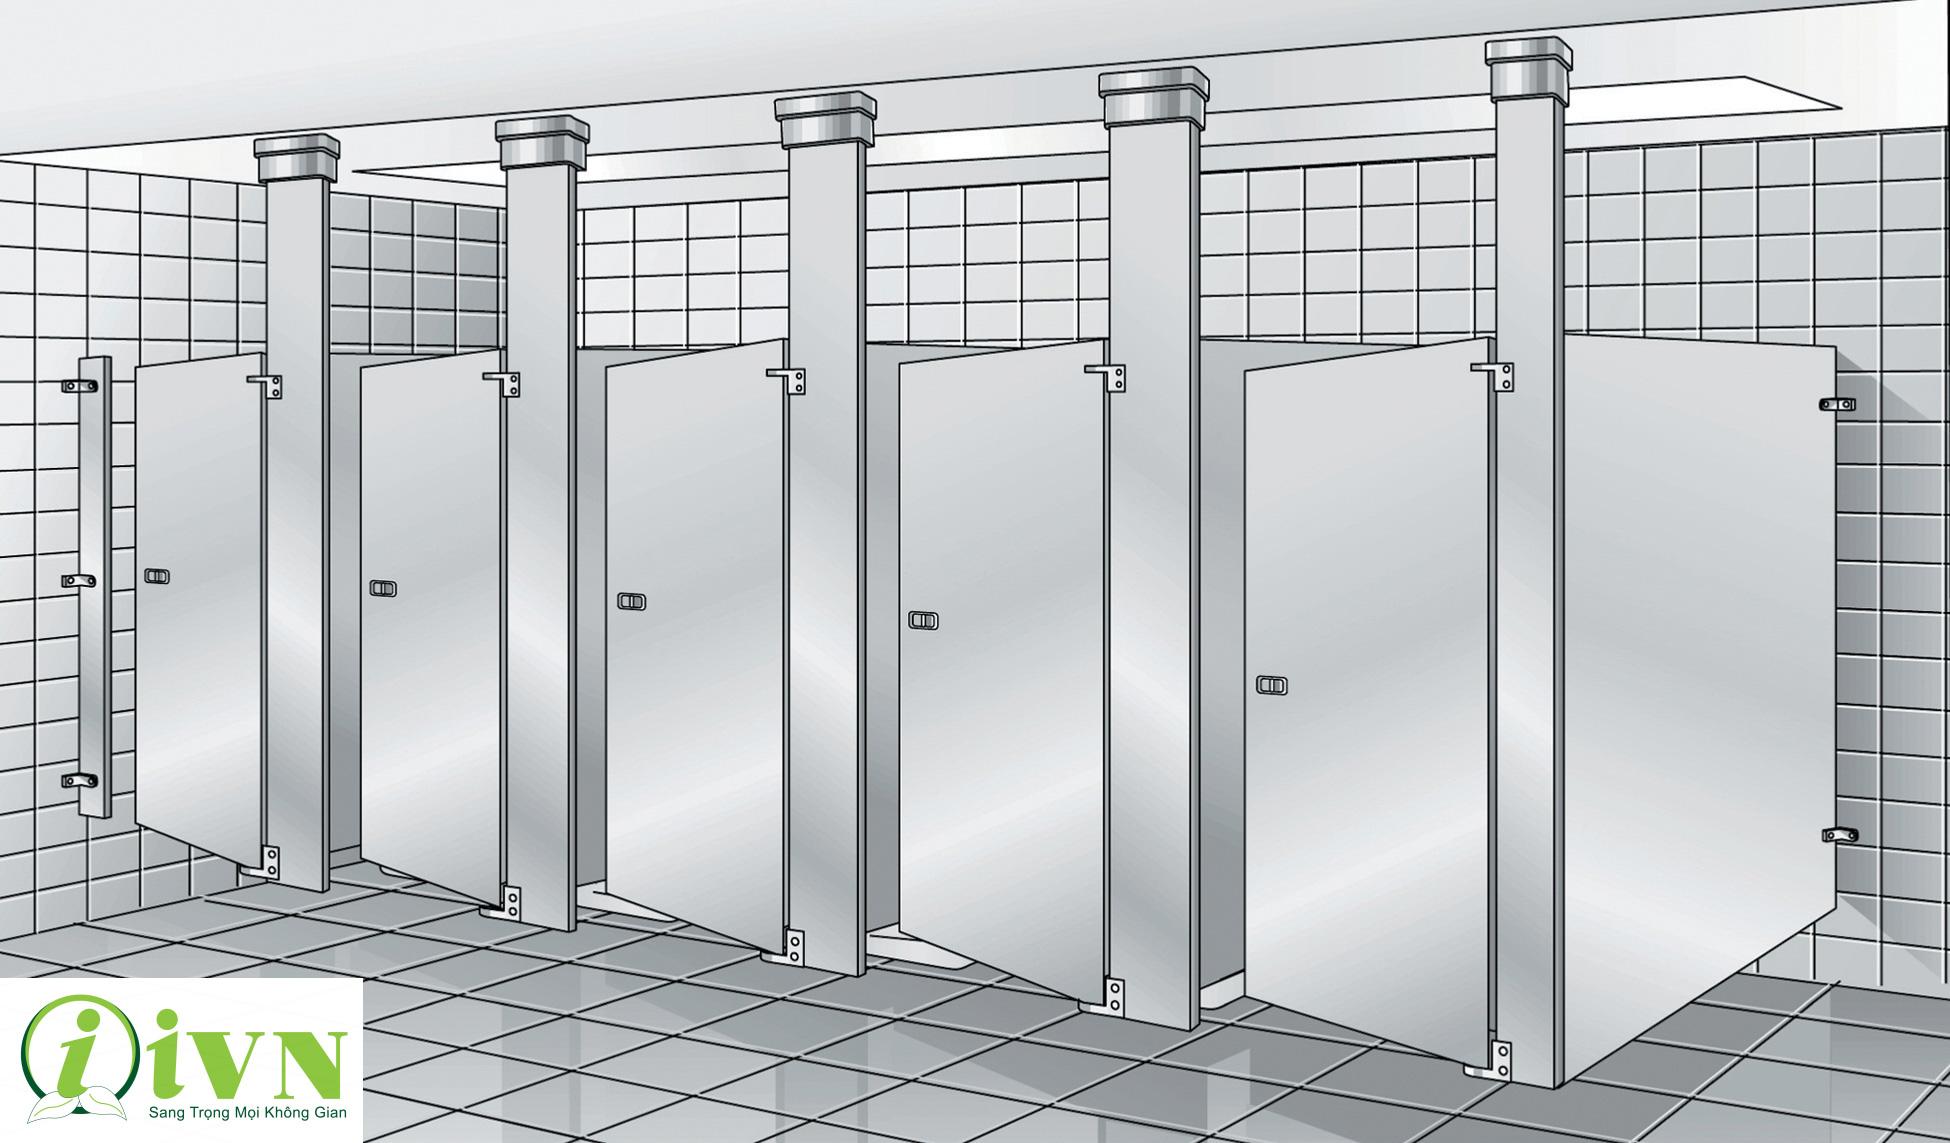 bản vẽ công trình vách ngăn vệ sinh